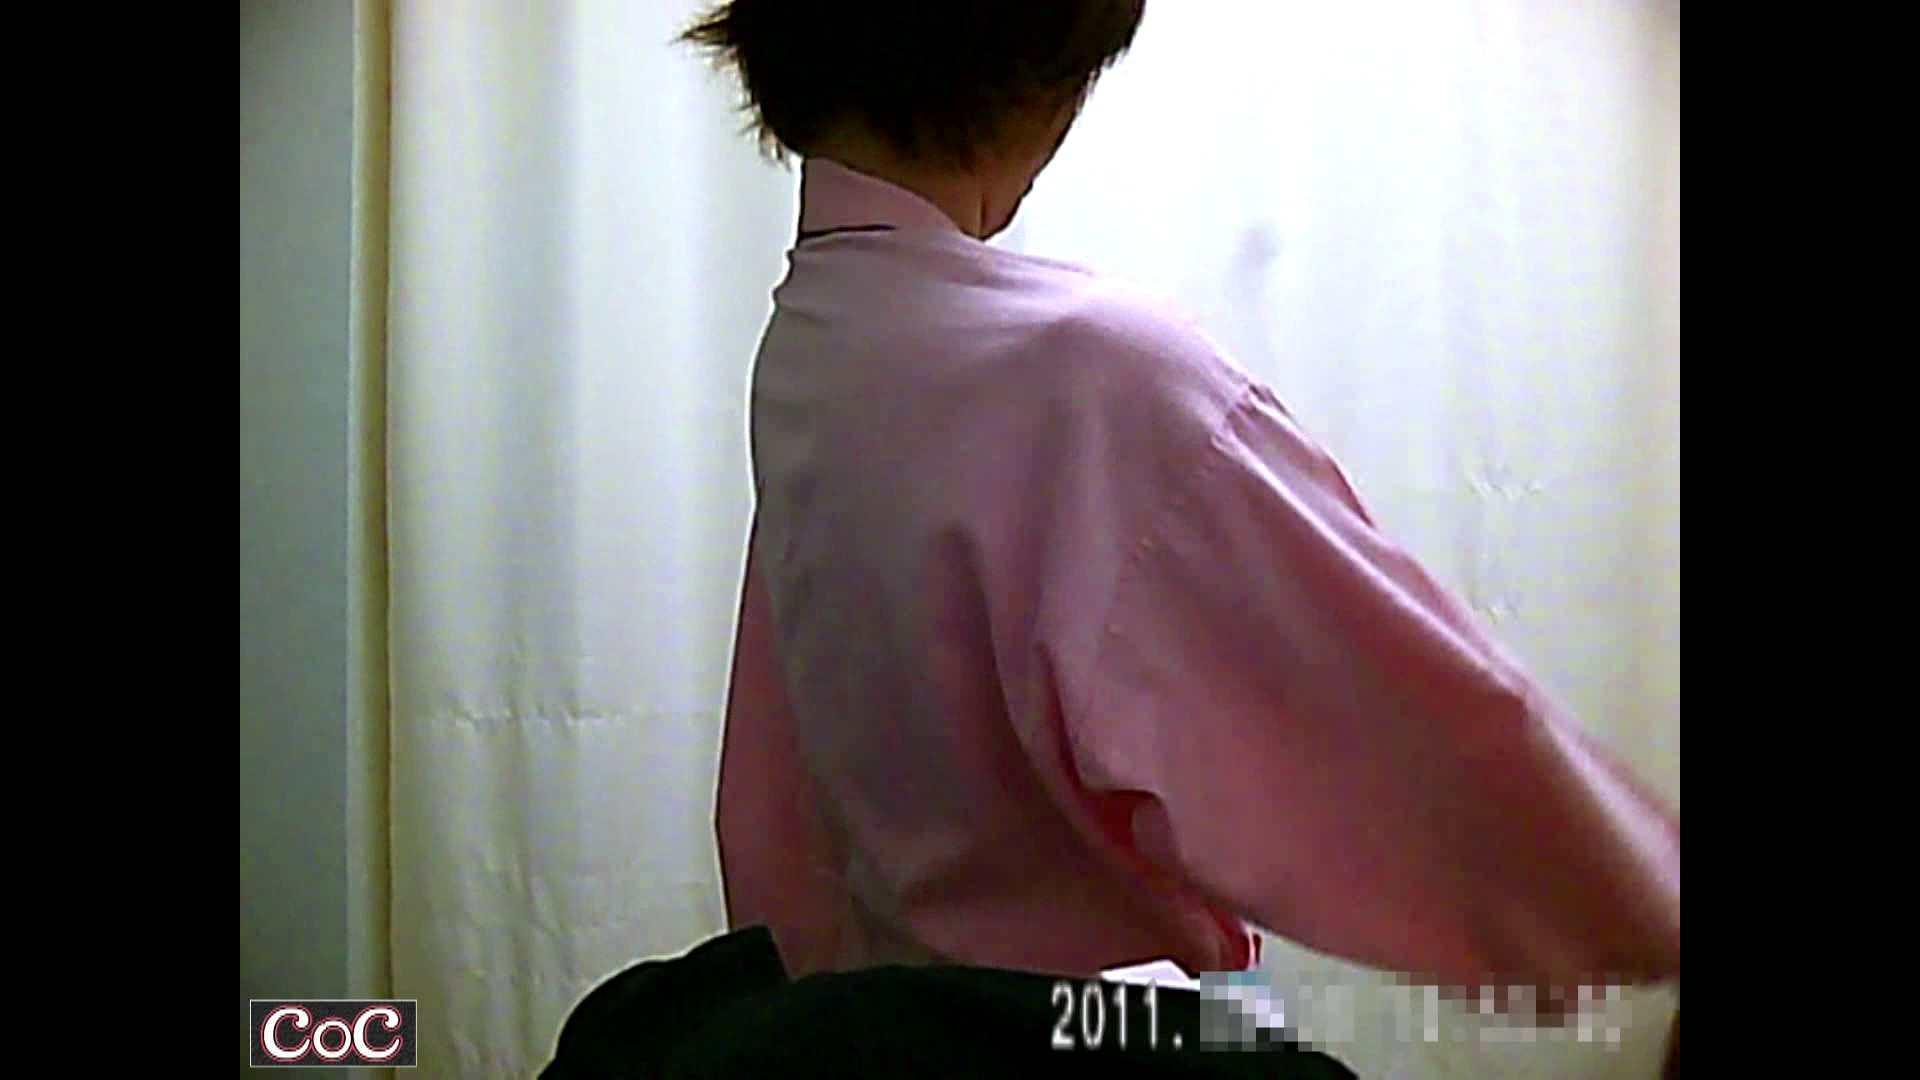 病院おもいっきり着替え! vol.12 おっぱい 盗み撮り動画 110pic 13